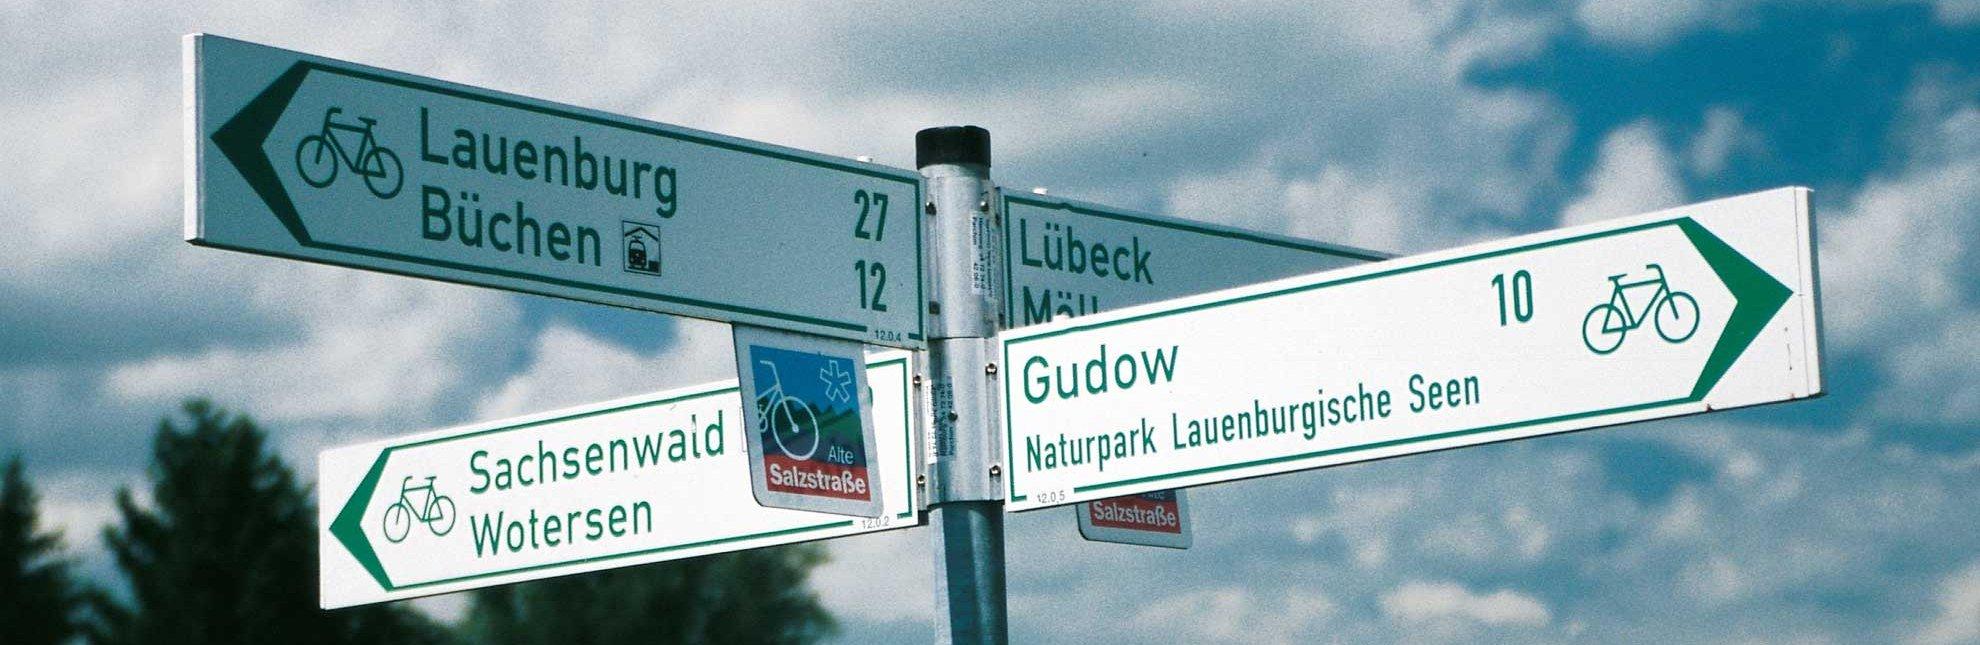 Radwegweiser in Büchen, © Mersiowski/HLMS